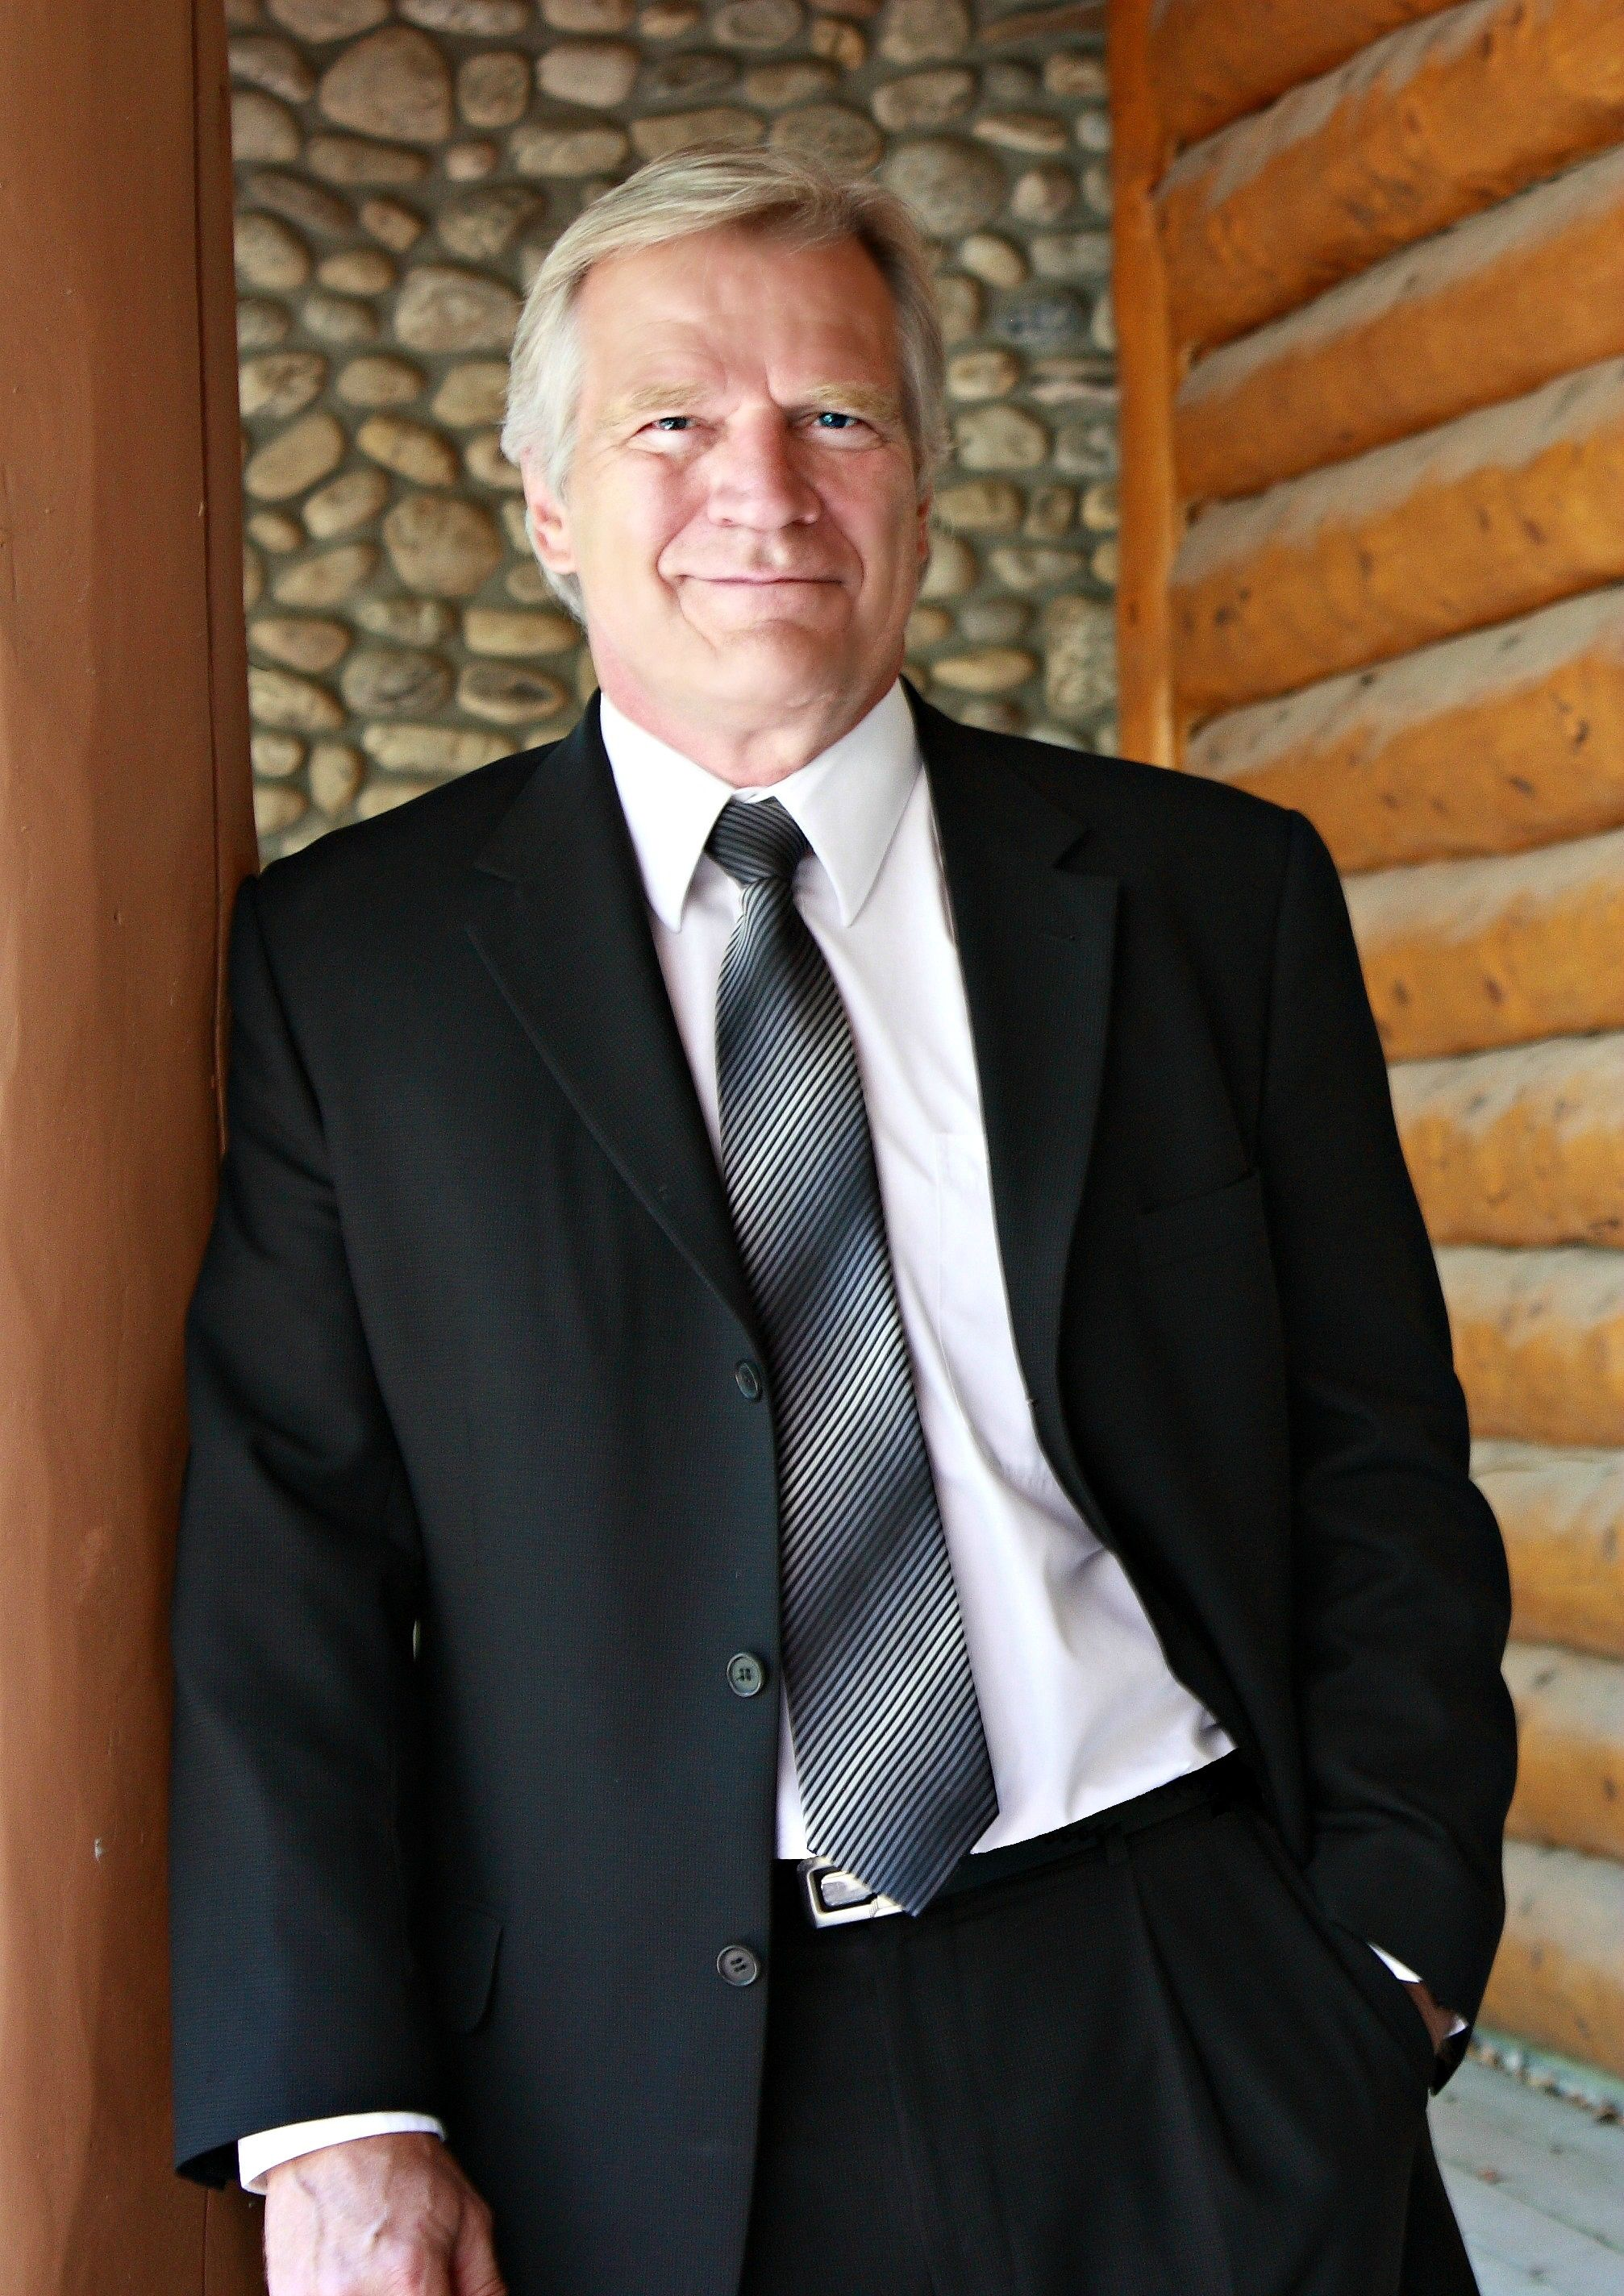 John Doerksen